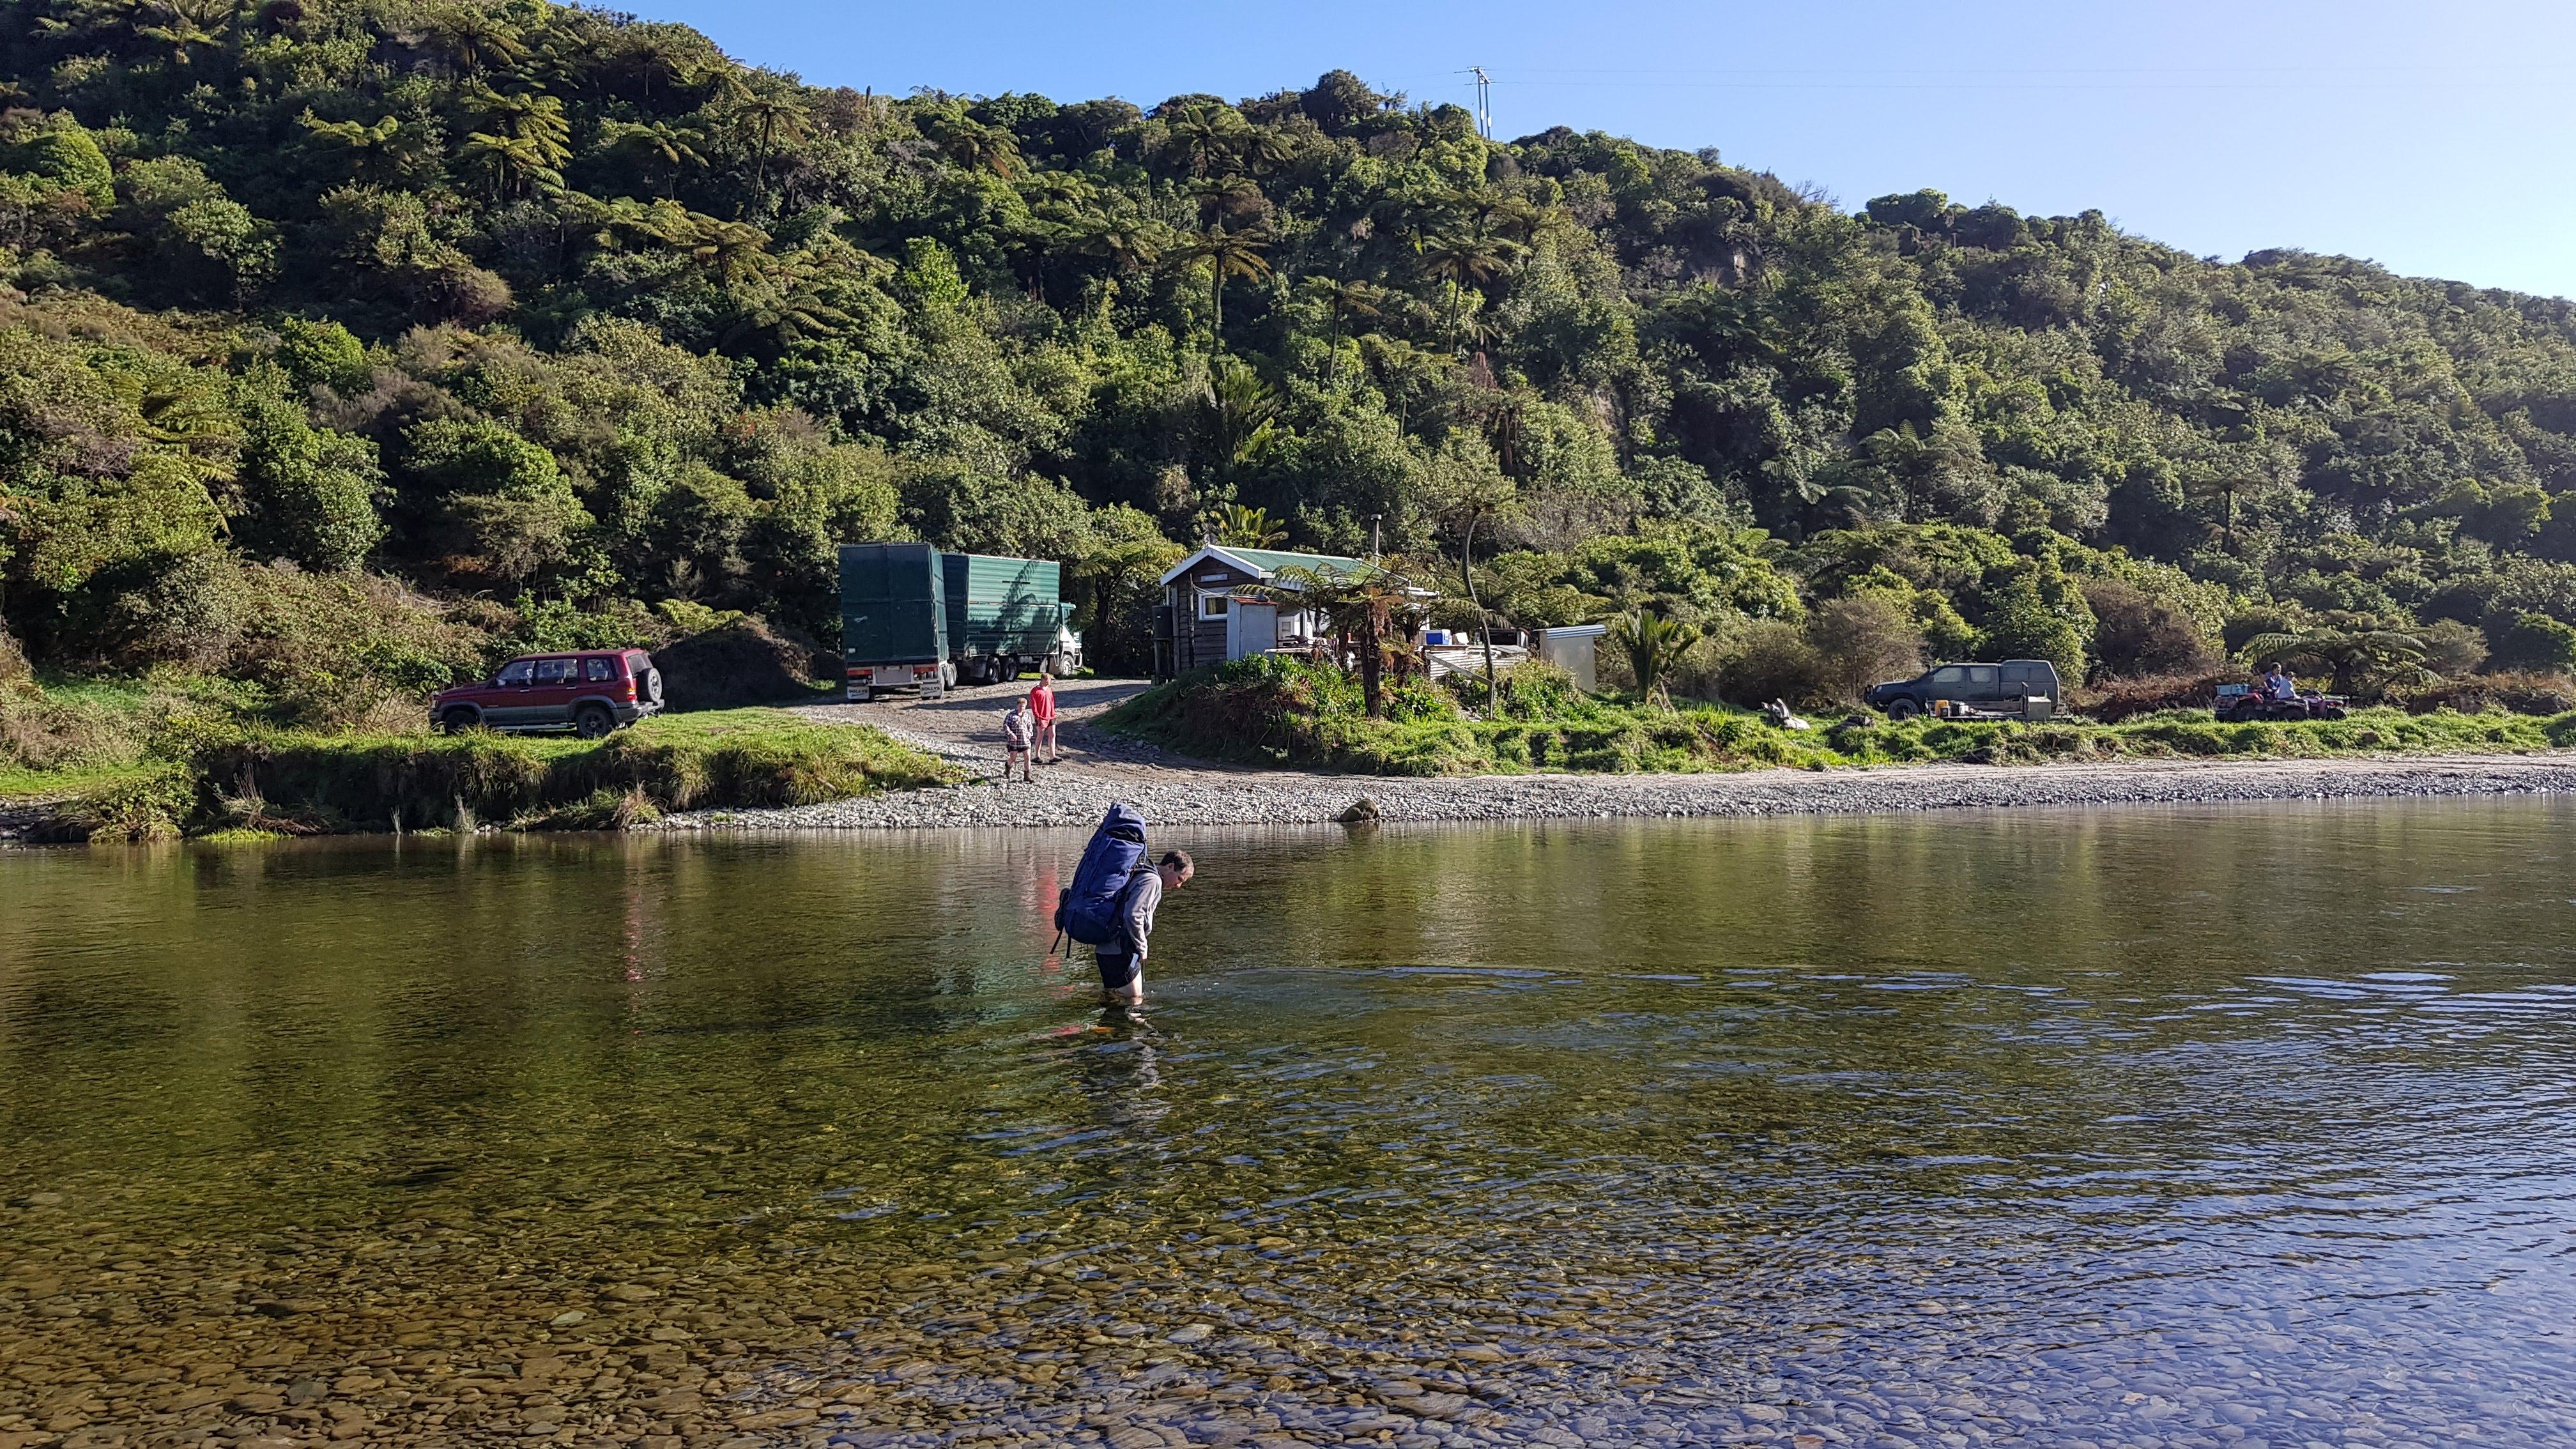 Crossing the Anatori River